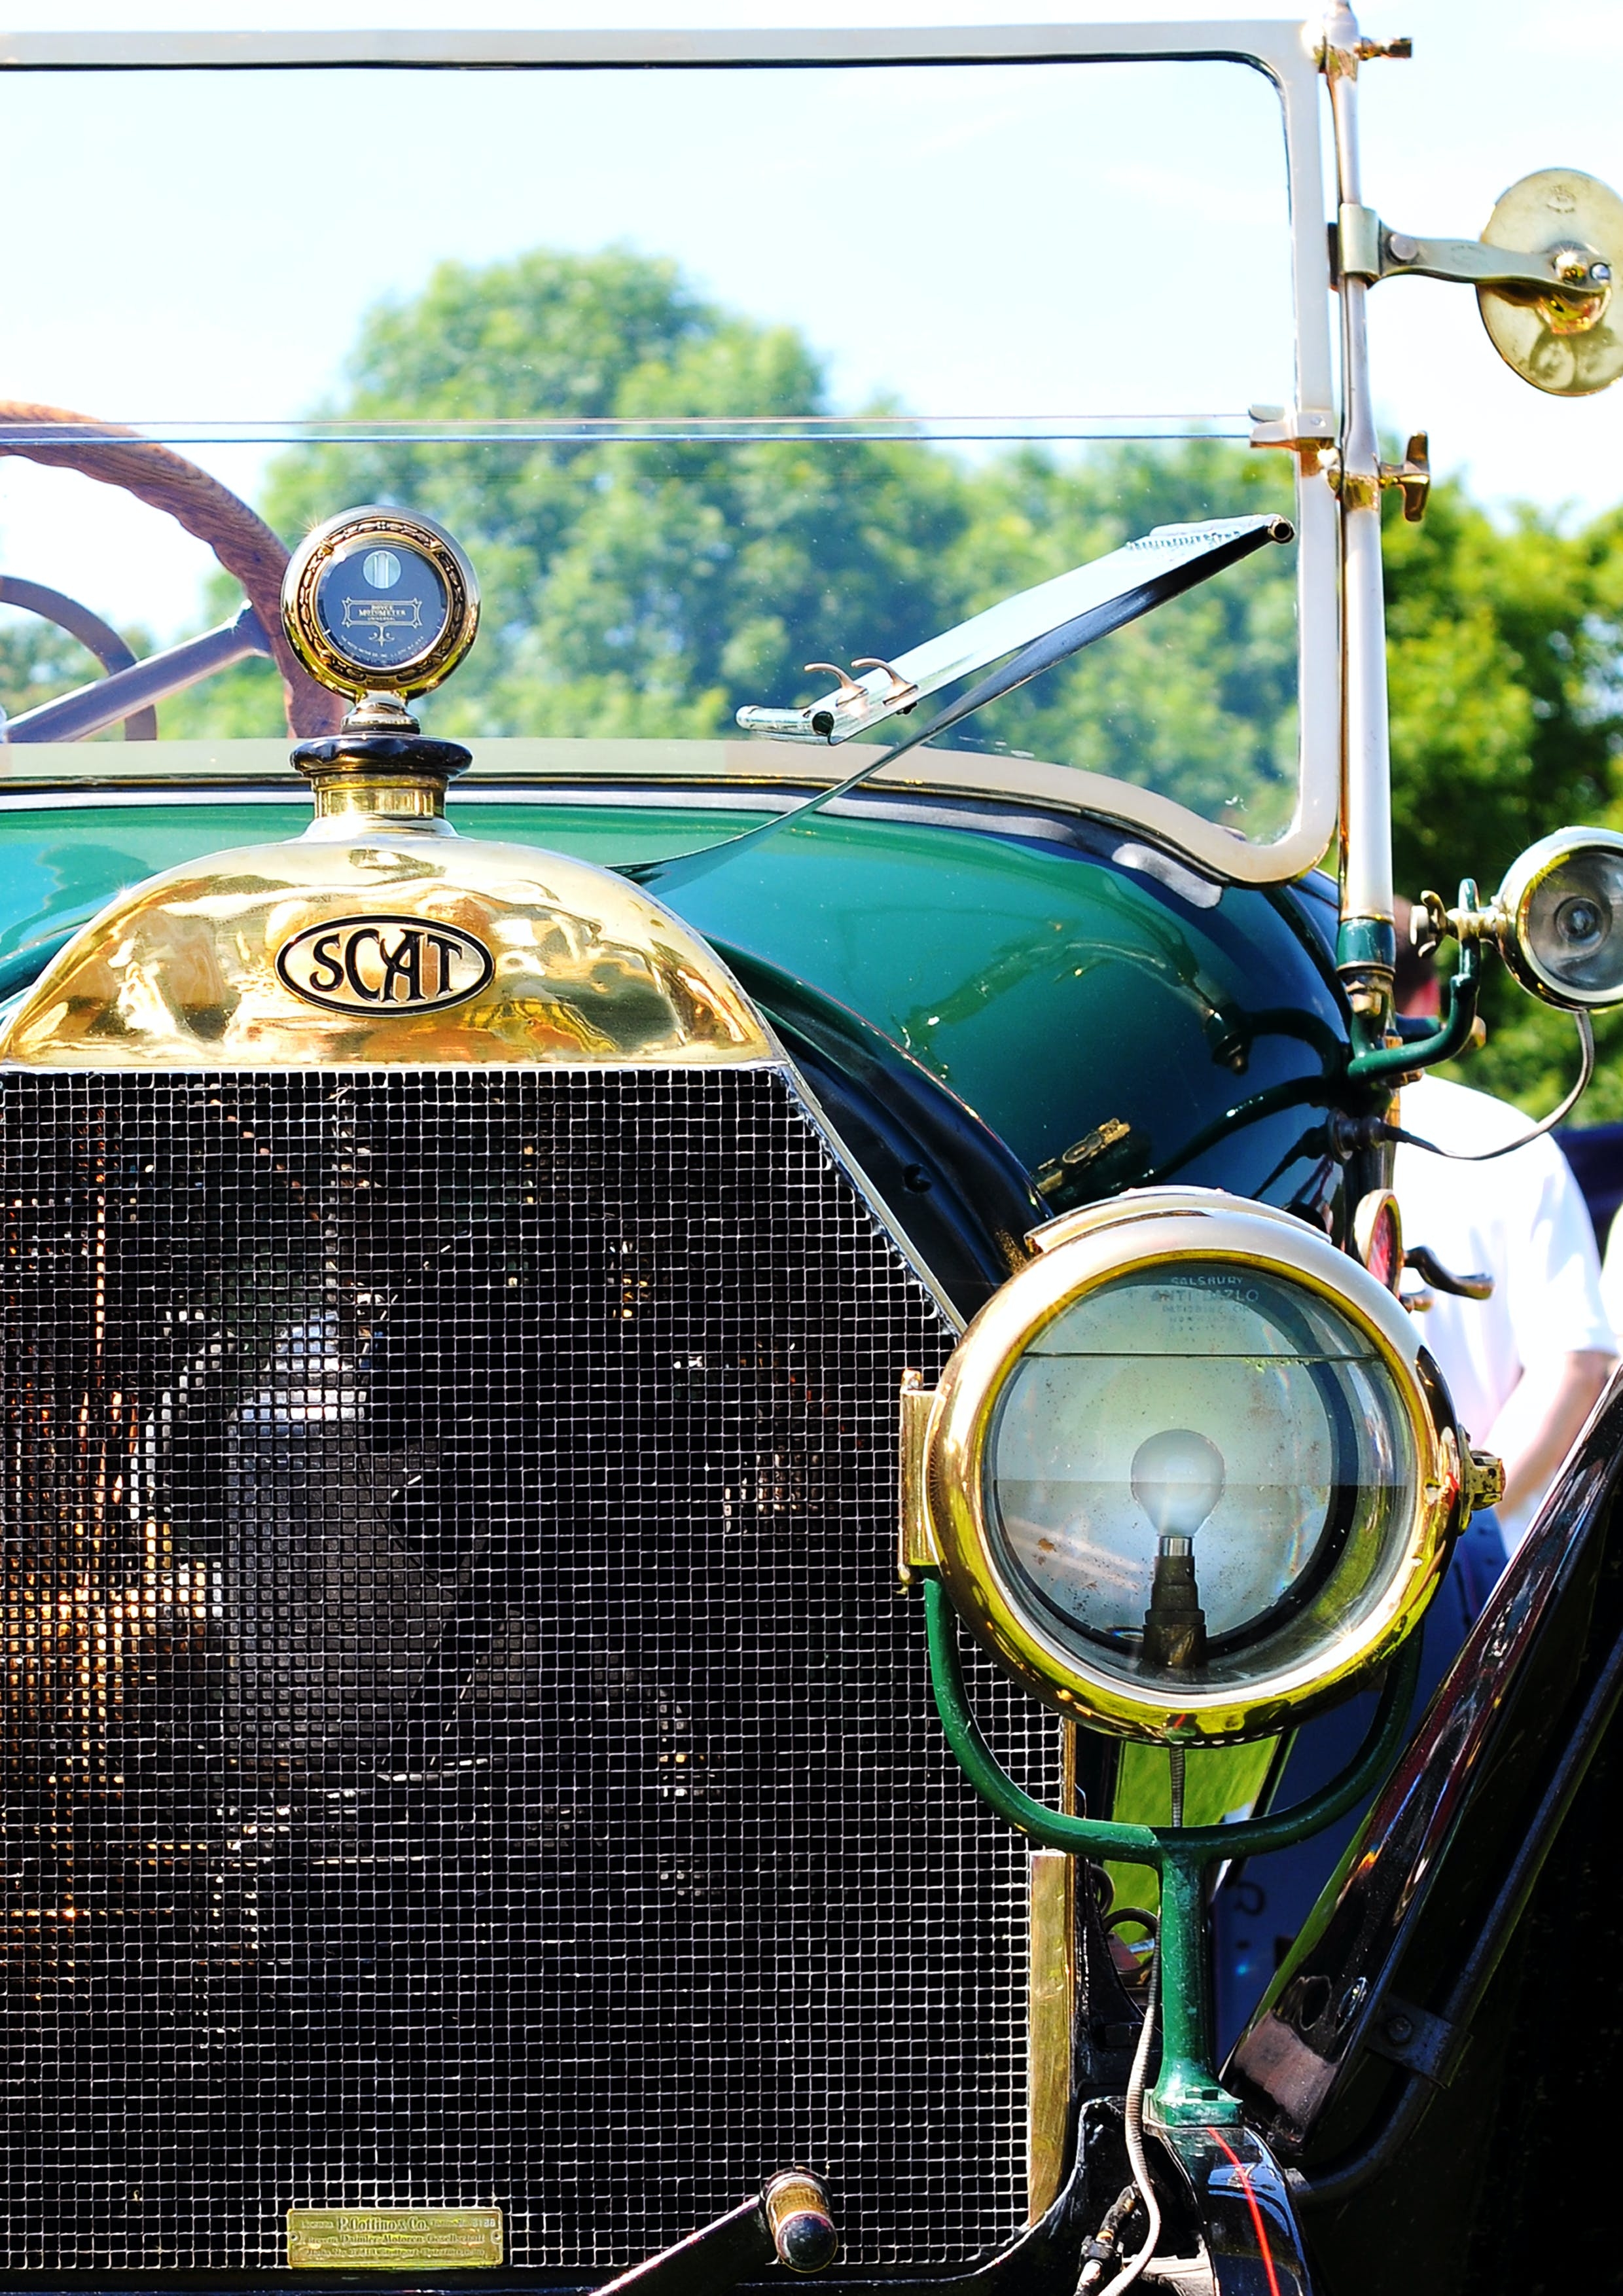 de auto, automotor, automóvil, chrome